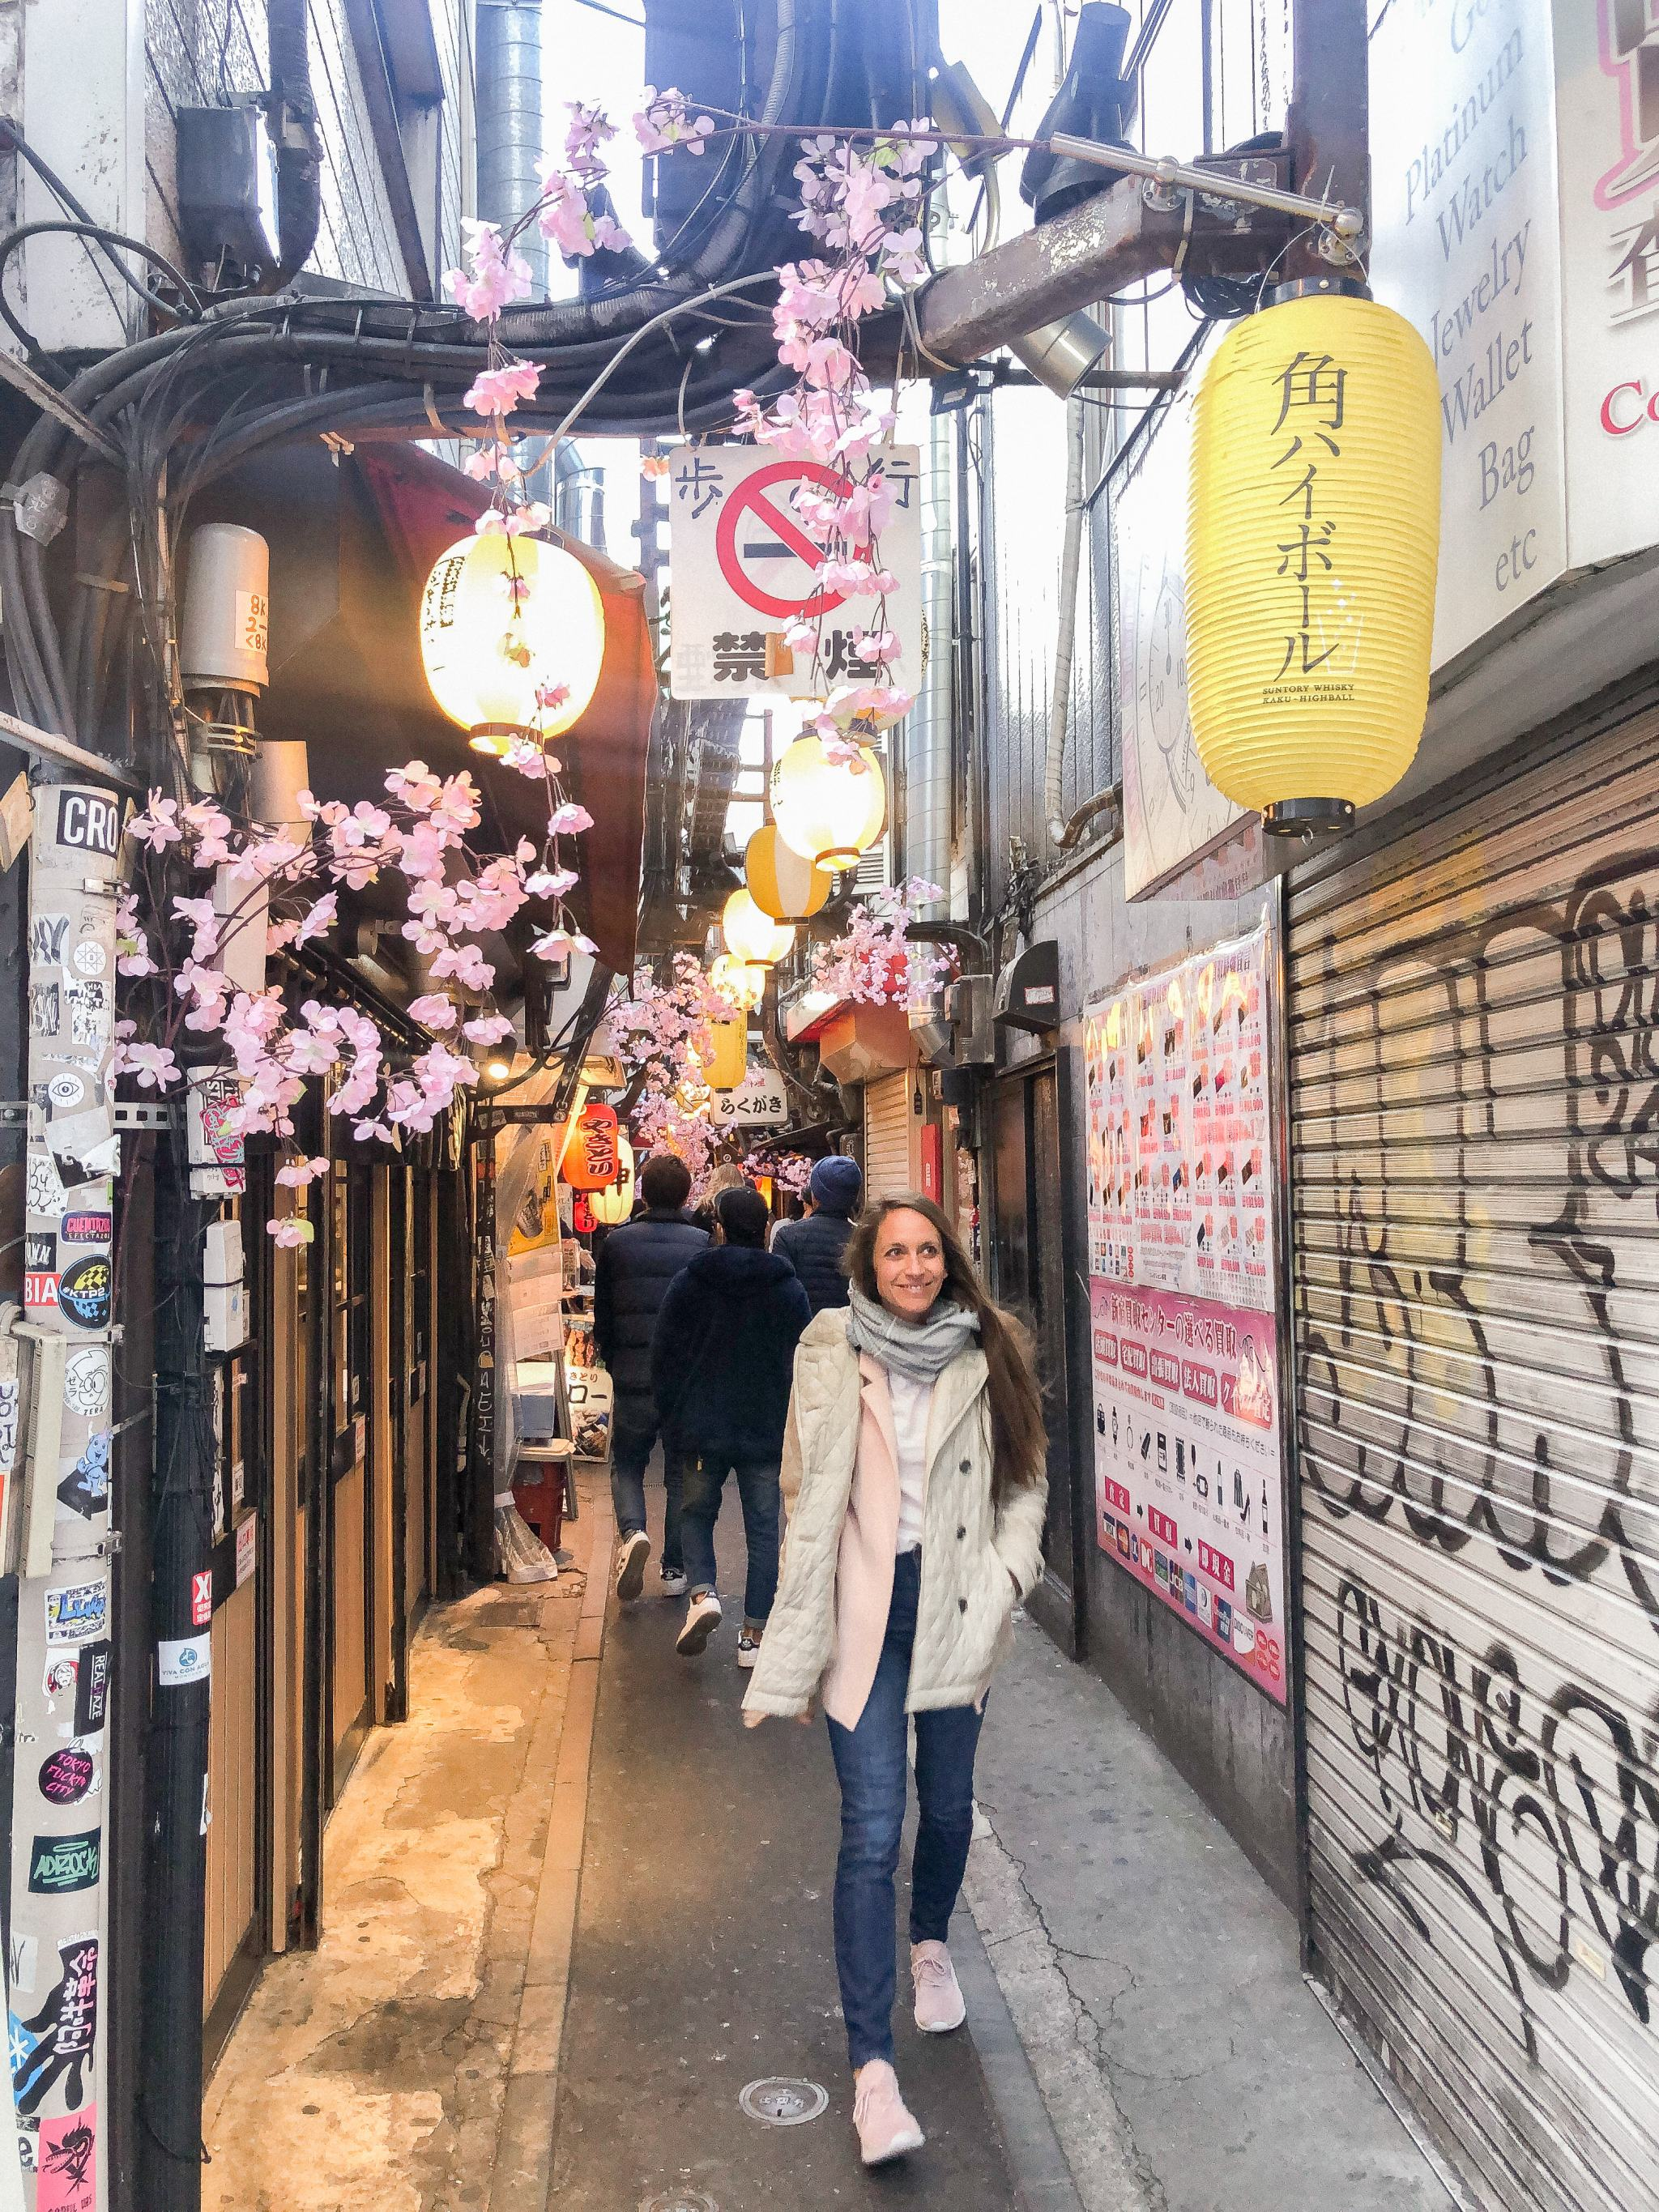 Shinjuku - Tokyo - traveling in Tokyo - what to see in Japan - pink sweater blazer - sightseeing in Japan - sightseeing in Tokyo